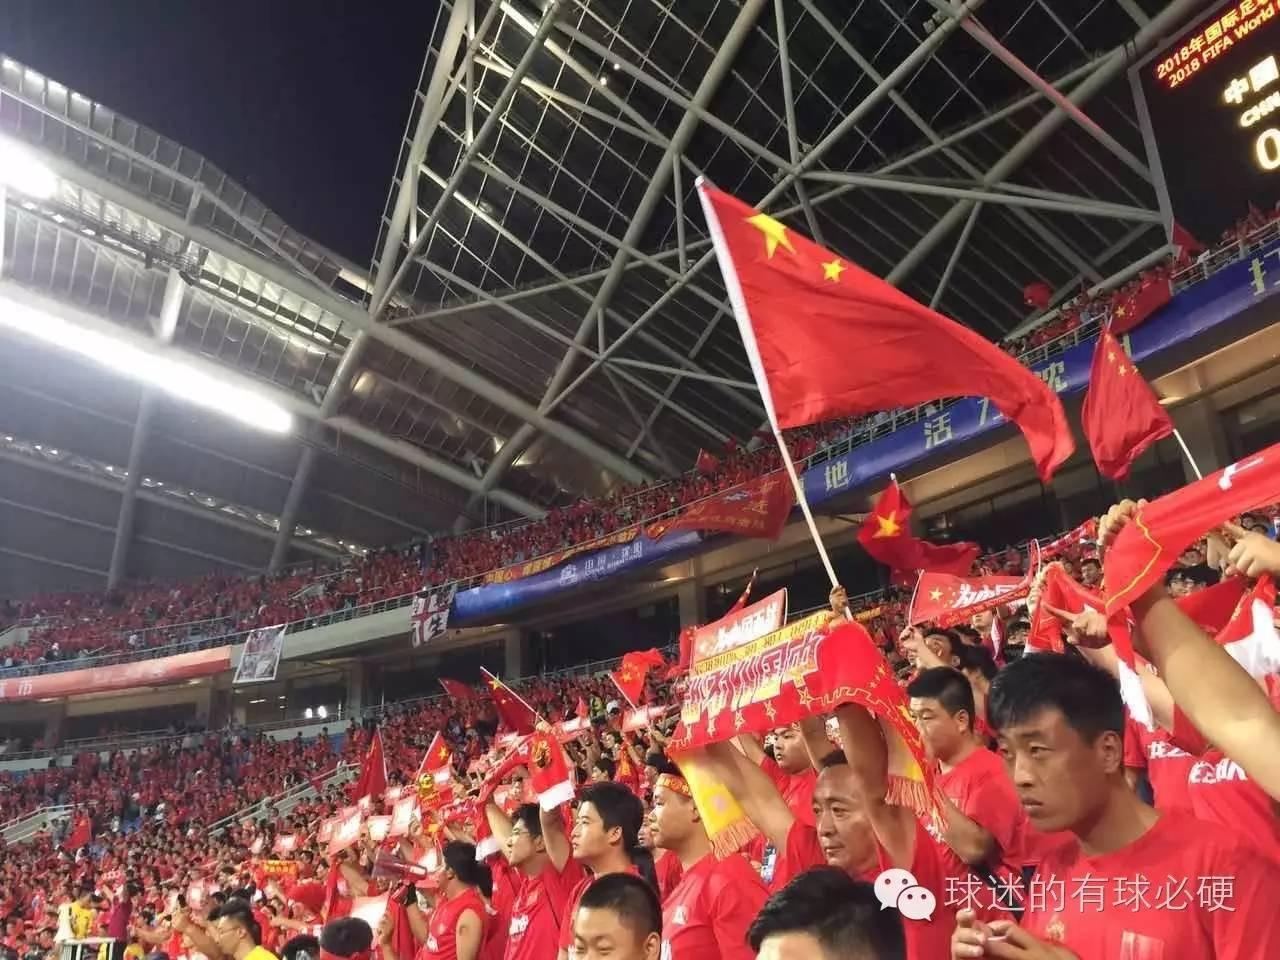 9月1日,客场对阵韩国,我们看到中国球迷们在球队落后时还在呐喊,还在给予球队最大的支持。但是,网上的质疑声却一直都没有停止过。对阵韩国,实力之间的差距不是靠精神就可以弥补的。但是,那场比赛,我们看到了中国队的拼搏,因为没有放弃,所以创造奇迹。